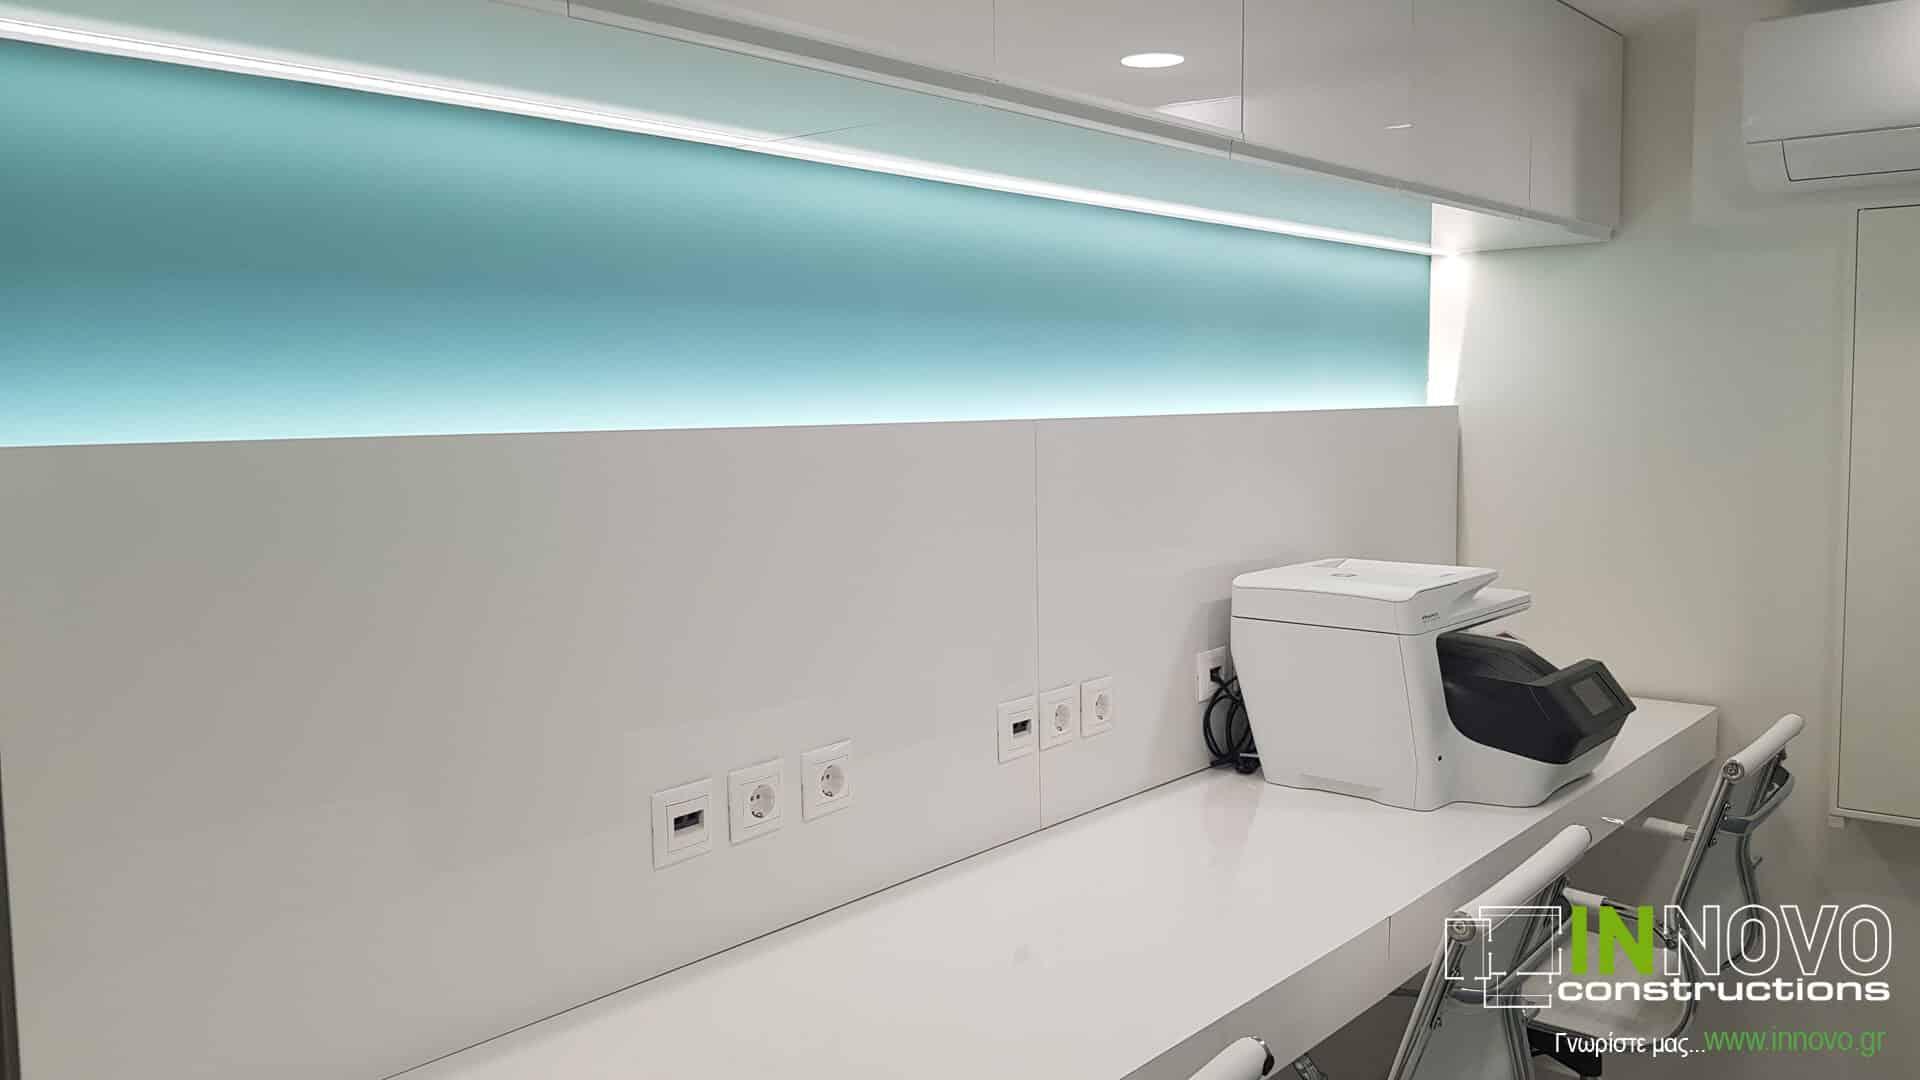 Από την Innovo Constructions σχεδιασμός εξοπλισμού Ιατρείου Πλαστικής